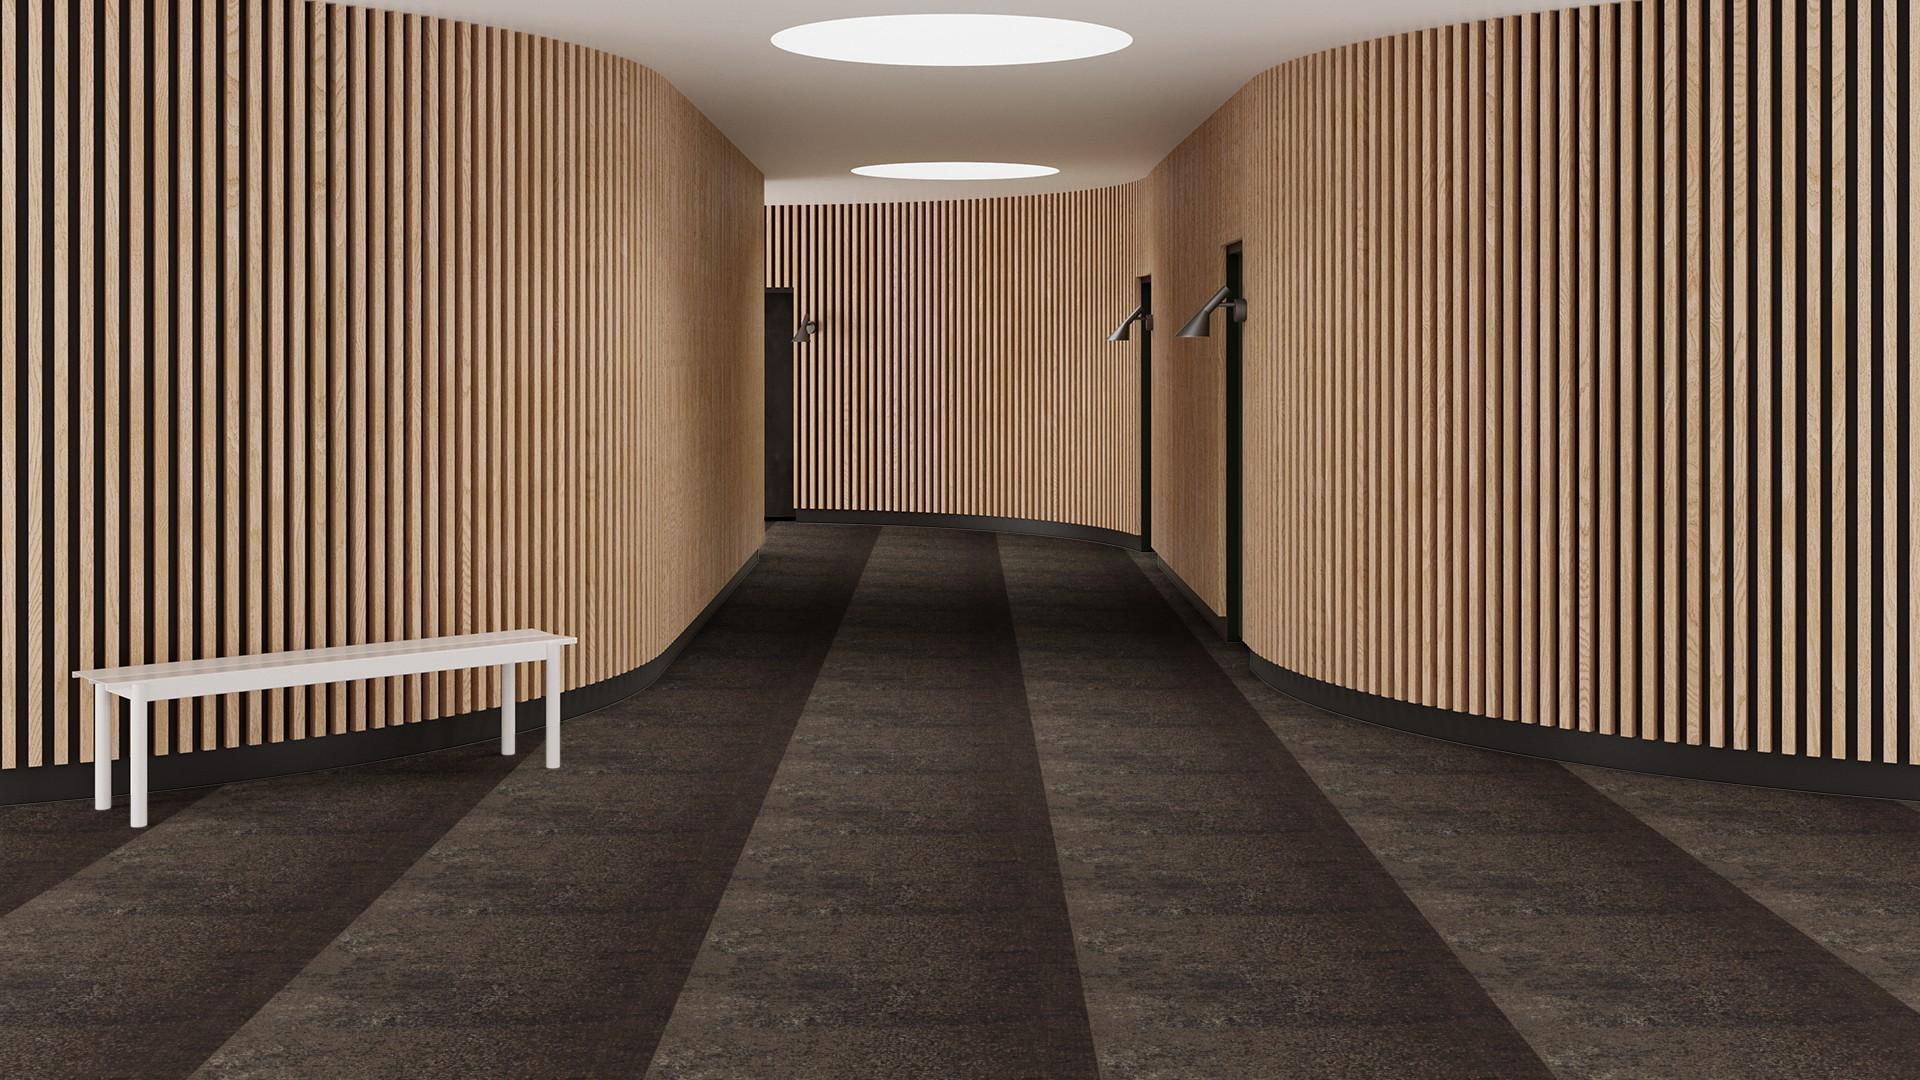 ReForm Construction Concrete Mix light brown/brown 96x96 RoowView 3